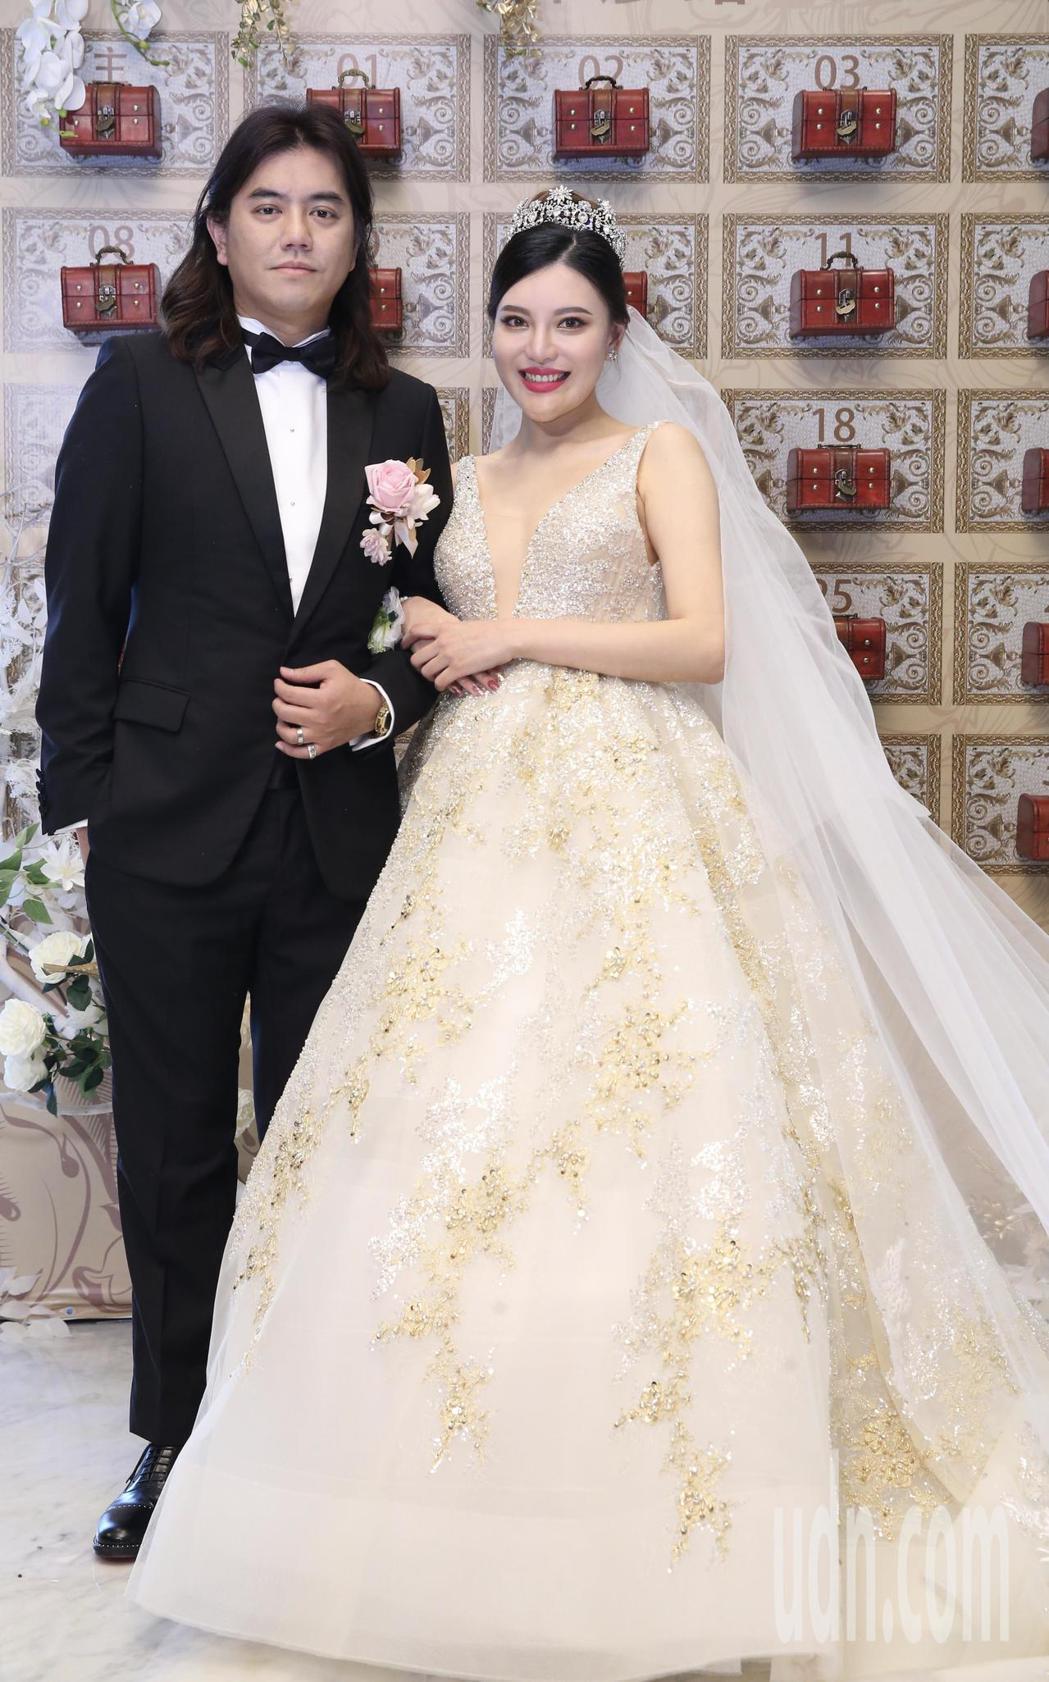 綜藝節目製作人B2(陳彥銘)與妻子王潔如中午在寒舍艾美舉行婚宴。記者許正宏/攝影